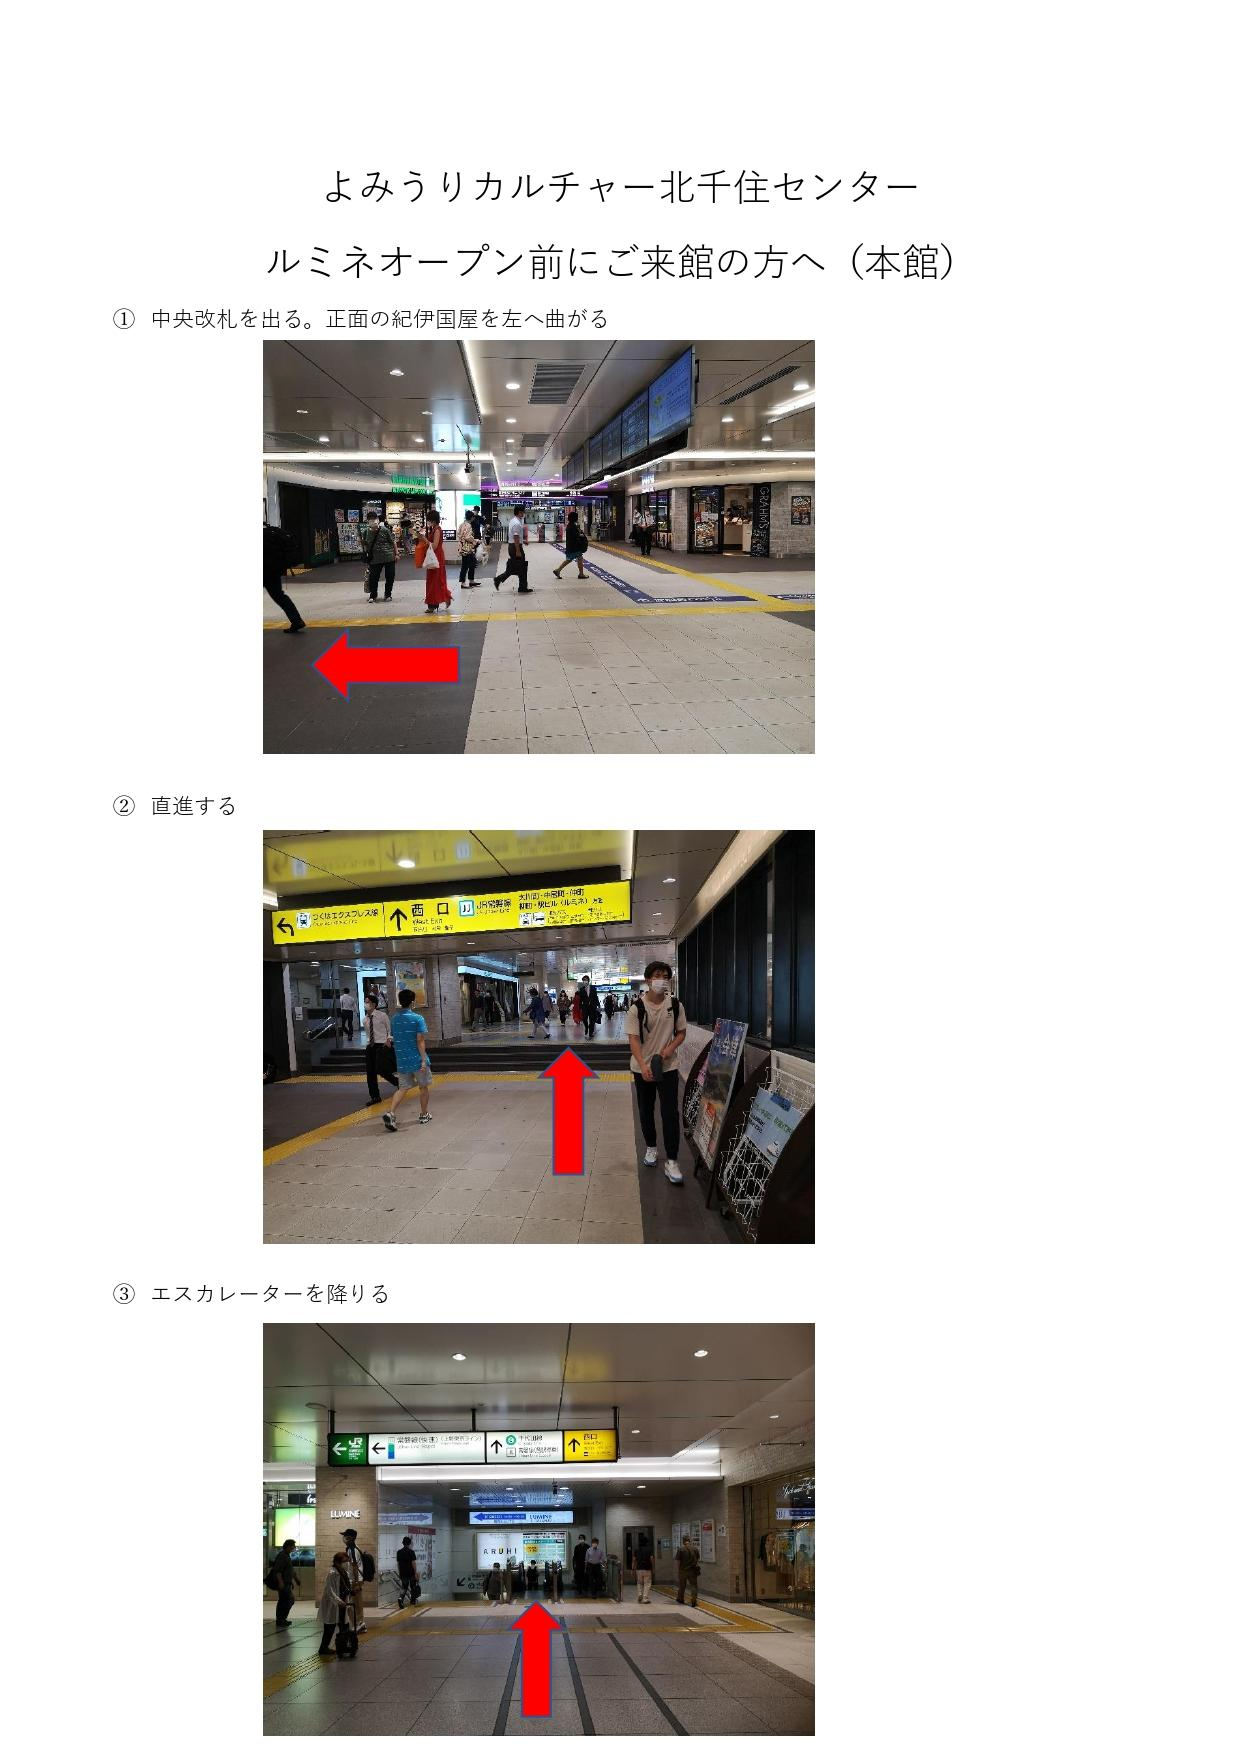 譯亥・-螟画鋤貂医∩_page-0001.jpg